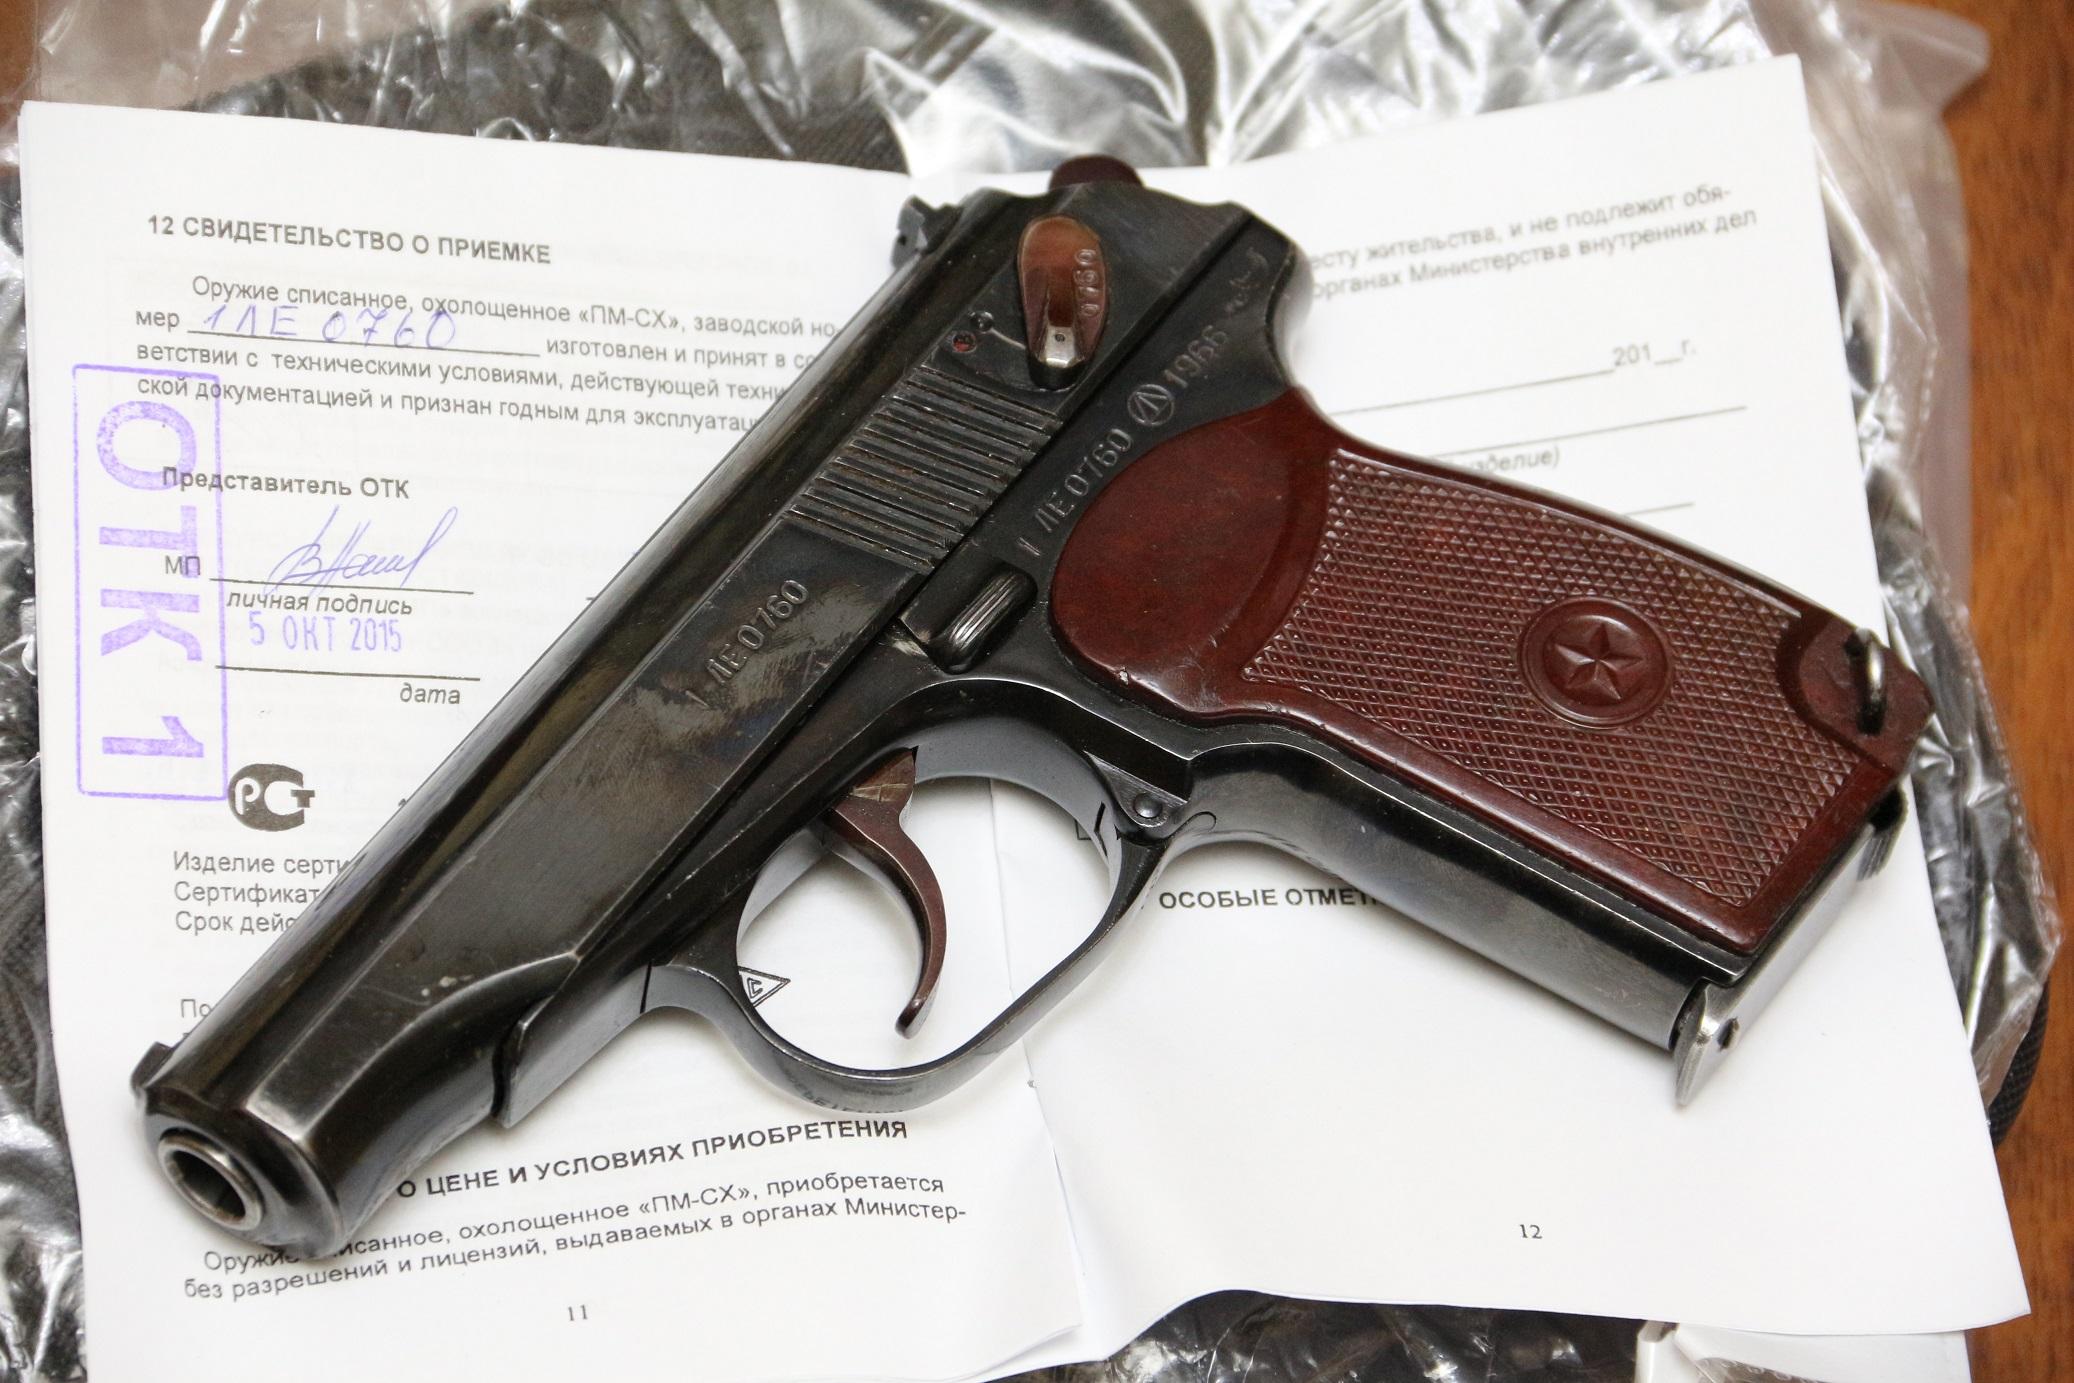 Охолощенный пистолет Макарова ПМ-СХ 1966 года №ЛЕ0760, самый первый деактив